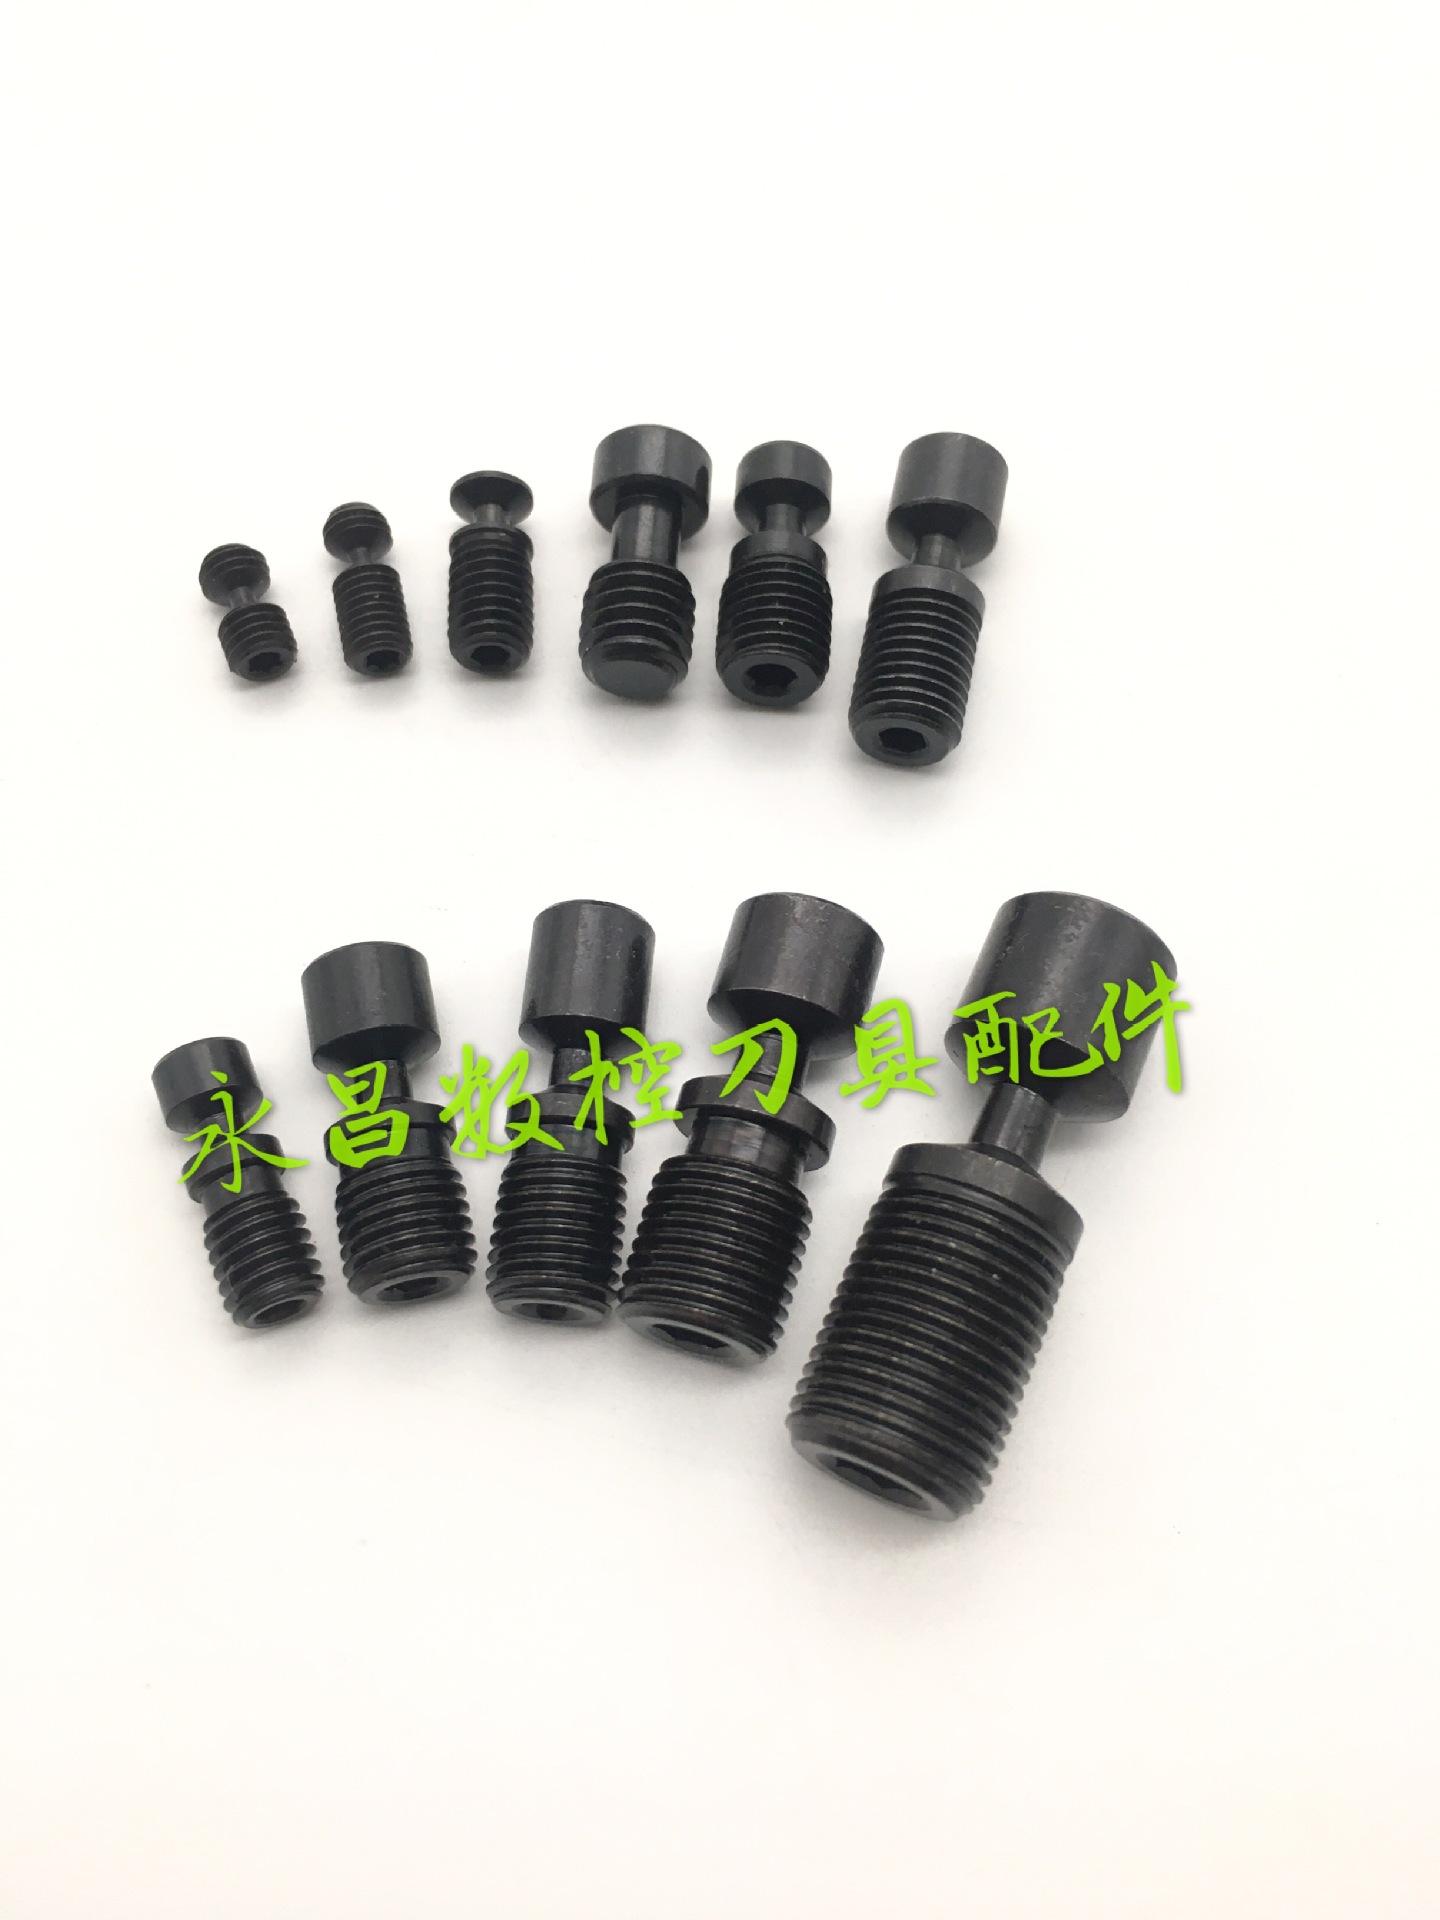 厂家直销数控车刀P型配件M5X9-M12X36 批发 杠杆式车刀腰槽螺丝